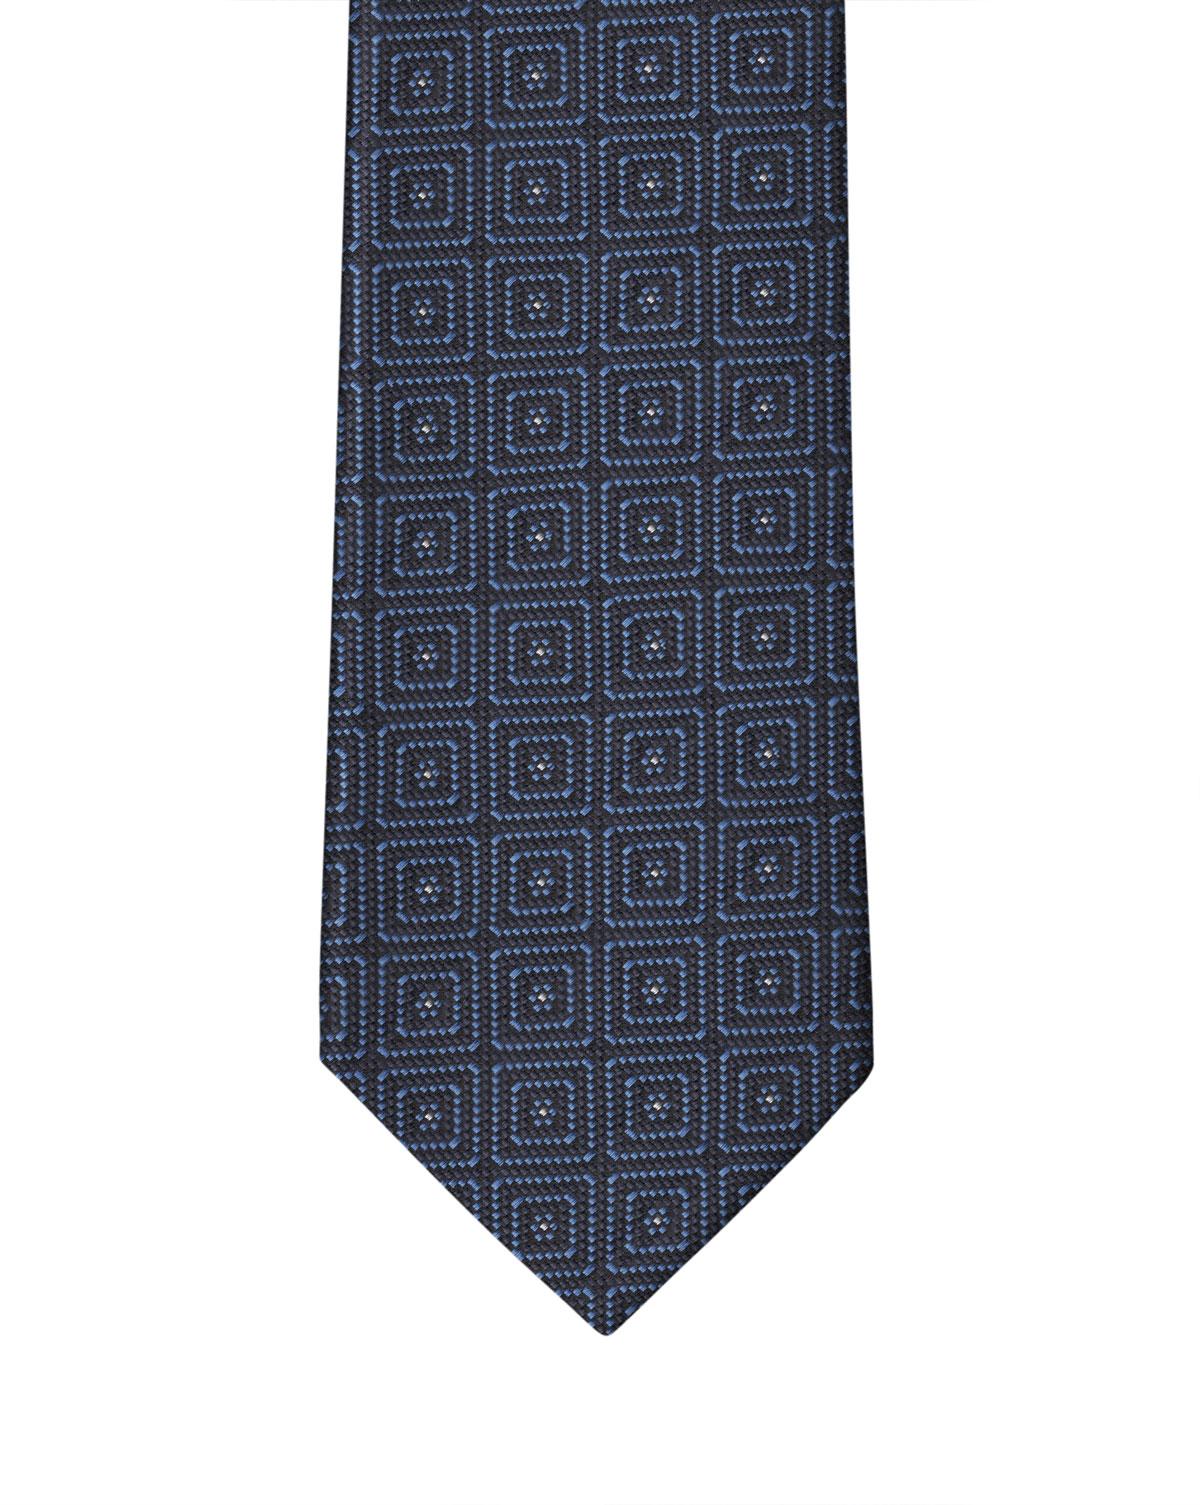 Navy Sax Squared Motif Necktie